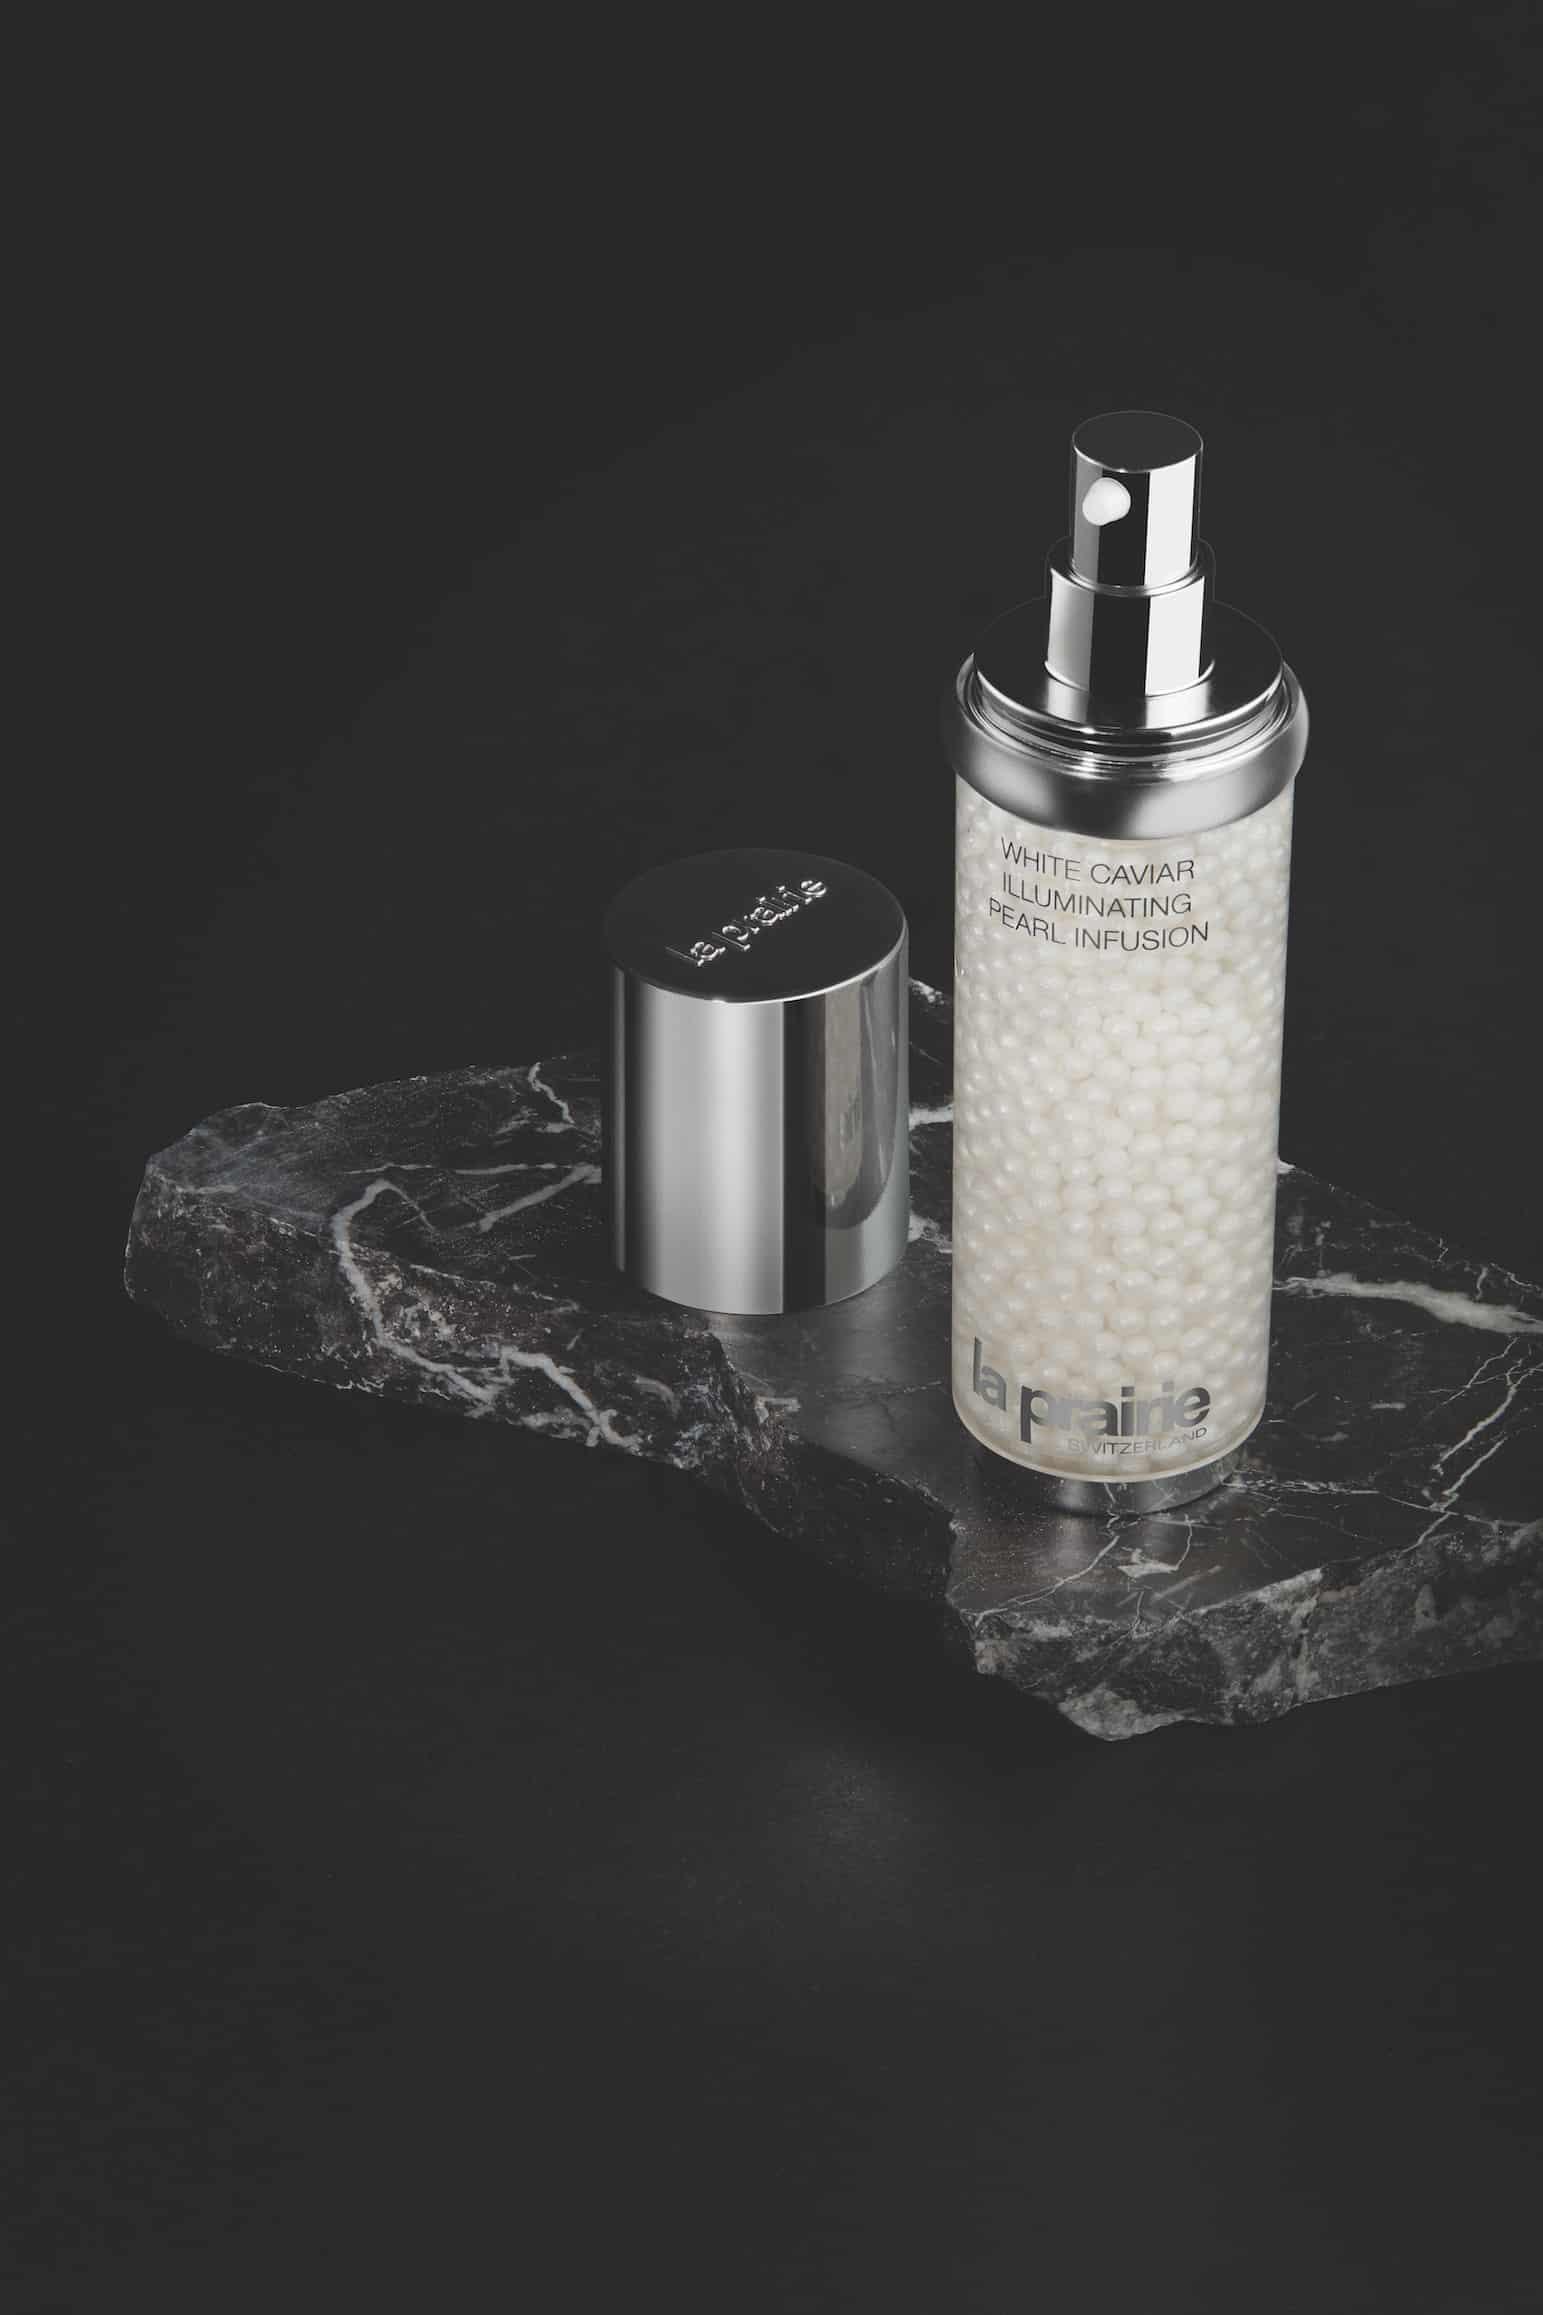 White Caviar Illuminating Pearl Infusion, la novità firmata La Prairie per una pelle sana e luminosa